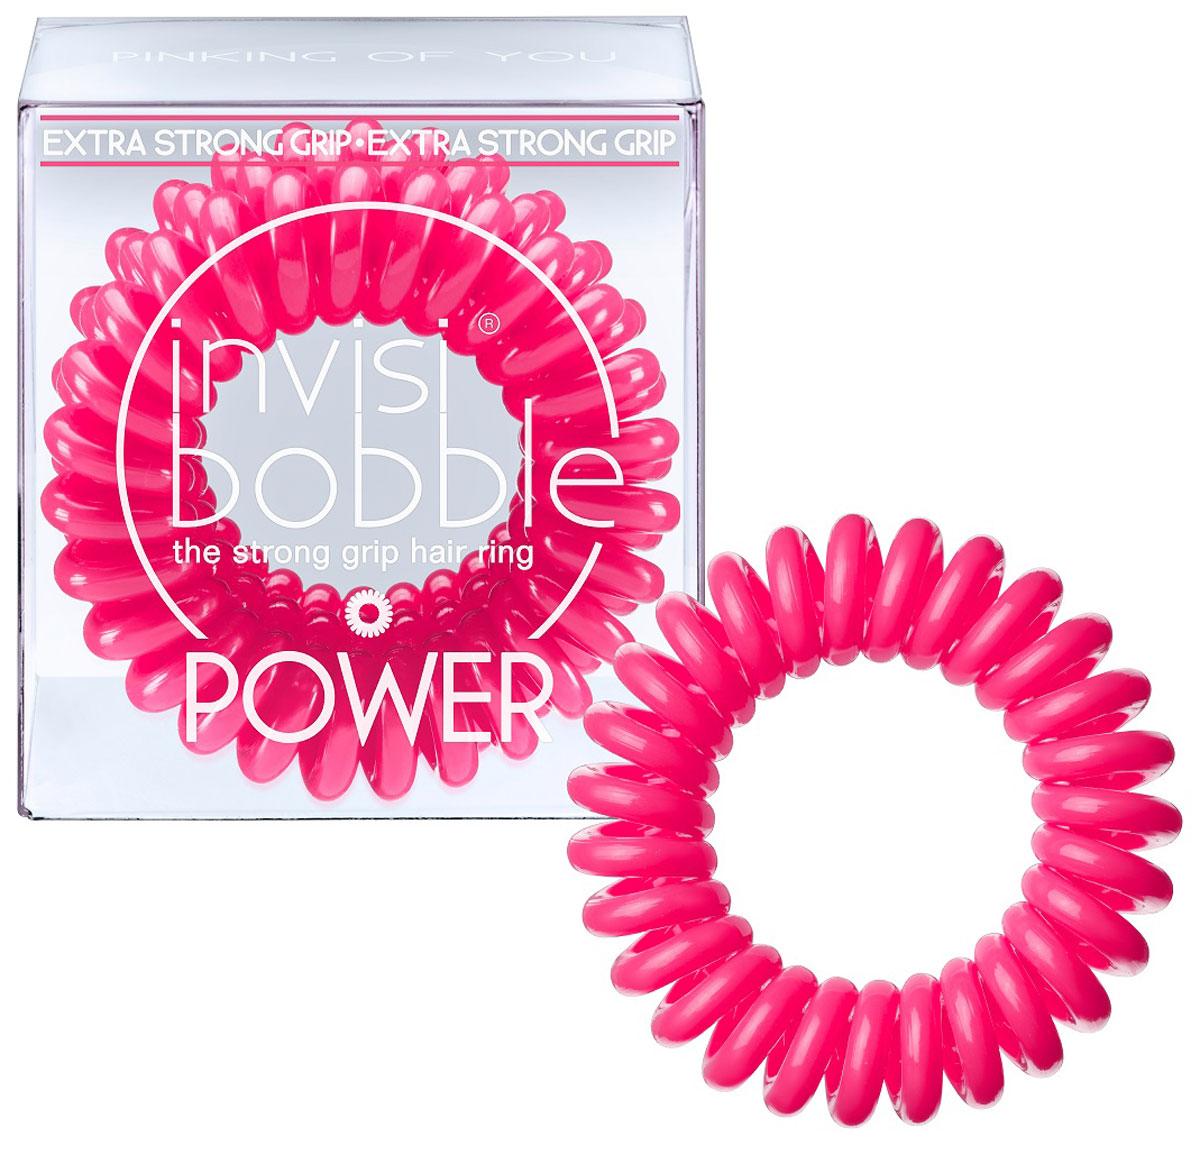 Invisibobble Резинка-браслет для волос Power Pinking of you, 3 шт3054Резиночка invisibobble pinking on you в розовом цвете из коллекции POWER приносит счастье и радость, а заодно привлекает к себе всеобщее внимание. Коллекция invisibobble POWER создана для всех, кто ведет активный образ жизни! Резинки-браслеты invisibobble POWER немного больше в размере, чем invisibobble ORIGINAL, а также имеют более плотные витки. Это позволяет плотно фиксировать волосы во время занятий спортом и активного отдыха. invisibobble POWER также идеальны для густых волос. Резинки-браслеты invisibobble подходят для всех типов волос, надежно фиксируют причёску, не оставляют заломов и не вызывают головную боль благодаря неравномерному распределению давления на волосы. Кроме того, они не намокают и не вызывают аллергию при контакте с кожей, поскольку изготовлены из искусственной смолы.C резинками invisibobble можно легко создавать разные прически. Резинки прочно держат волосы любой длины, при этом не стягивая их слишком туго. Телефонный провод позволяет с легкостью и без вреда для волос протягивать пряди под спираль и ослаблять уже закрепленные для придания объема прическе. Увеличенный размер и более плотные витки invisibobble POWER позволяют прочно закрепить причёску во время занятий спортом, а также идеально подходят для объёмных и густых волос.Не комедогенна.